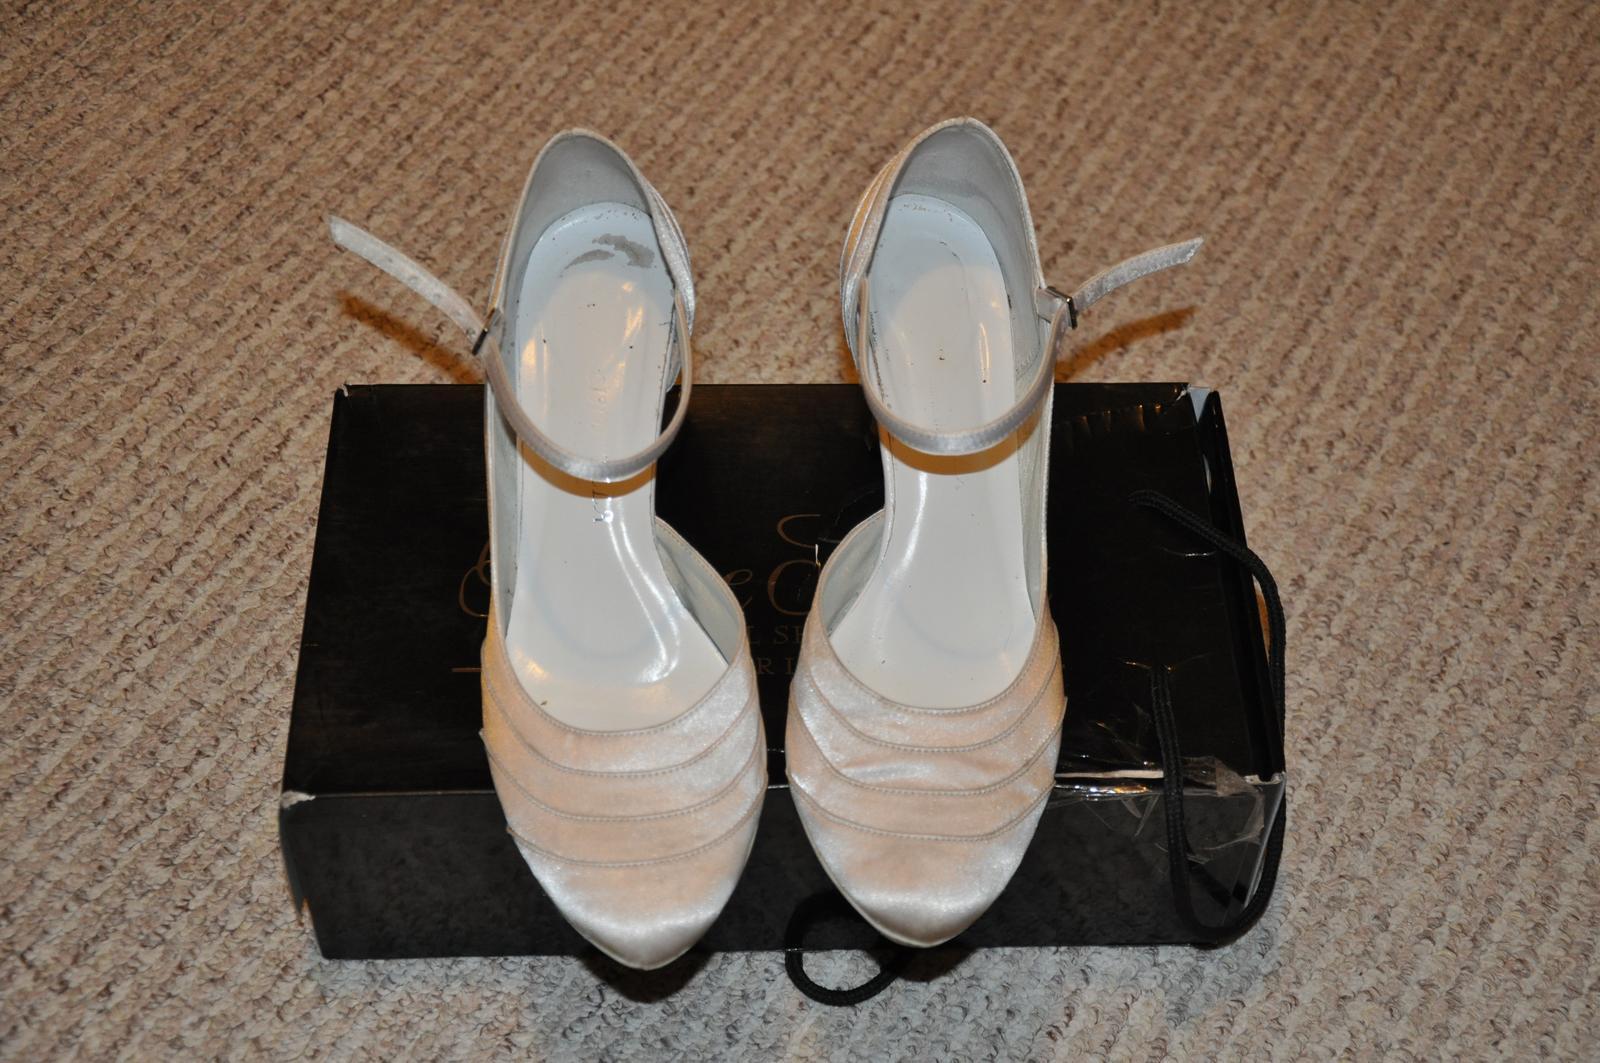 Svatební boty Cindrella - vel.39, 7cm podpatek - Obrázek č. 1